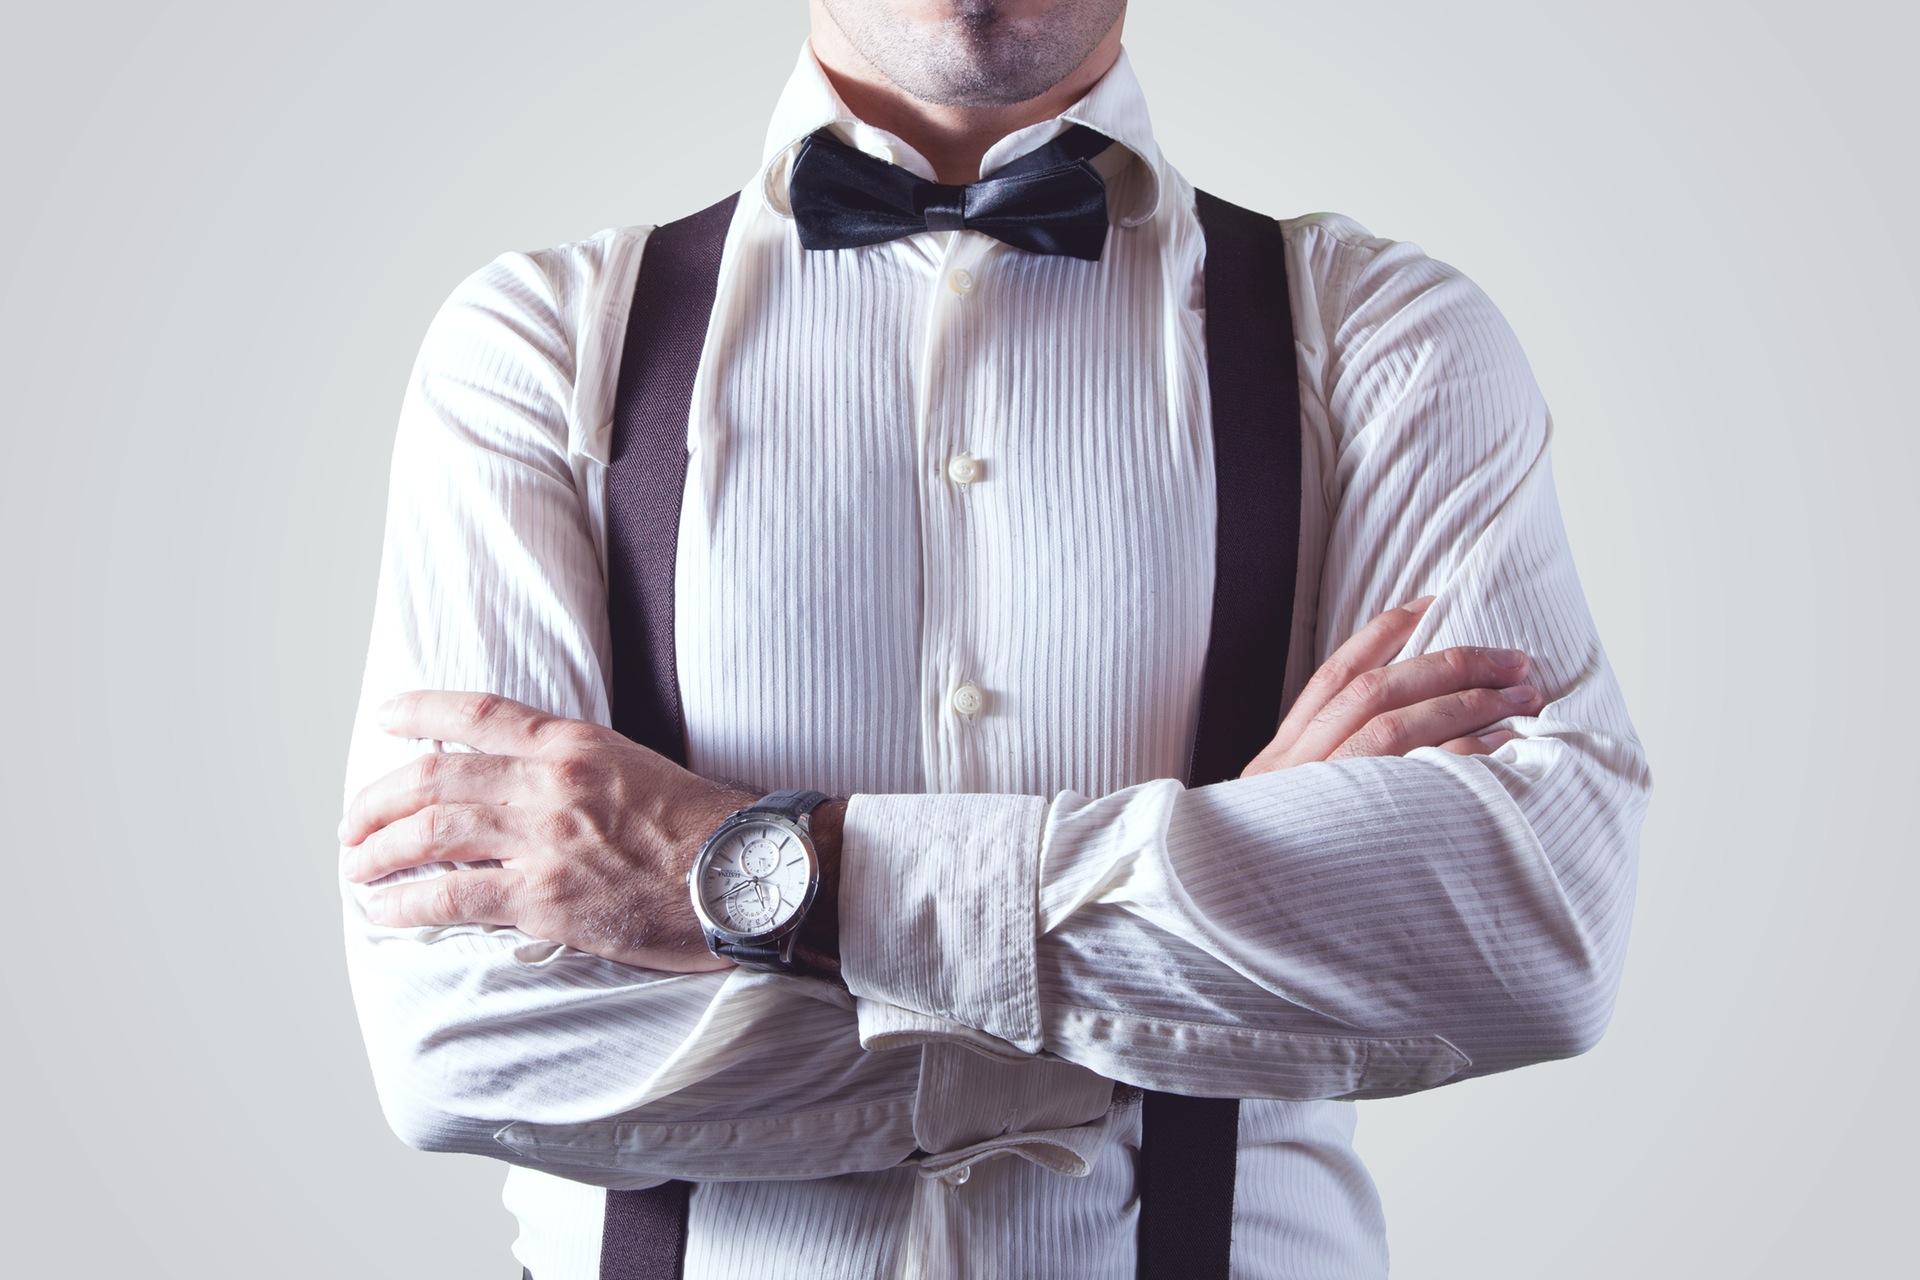 Czas na zmianę pracodawcy? Lepiej to przeczytaj i przemyśl CV bow tie businessman fashion man